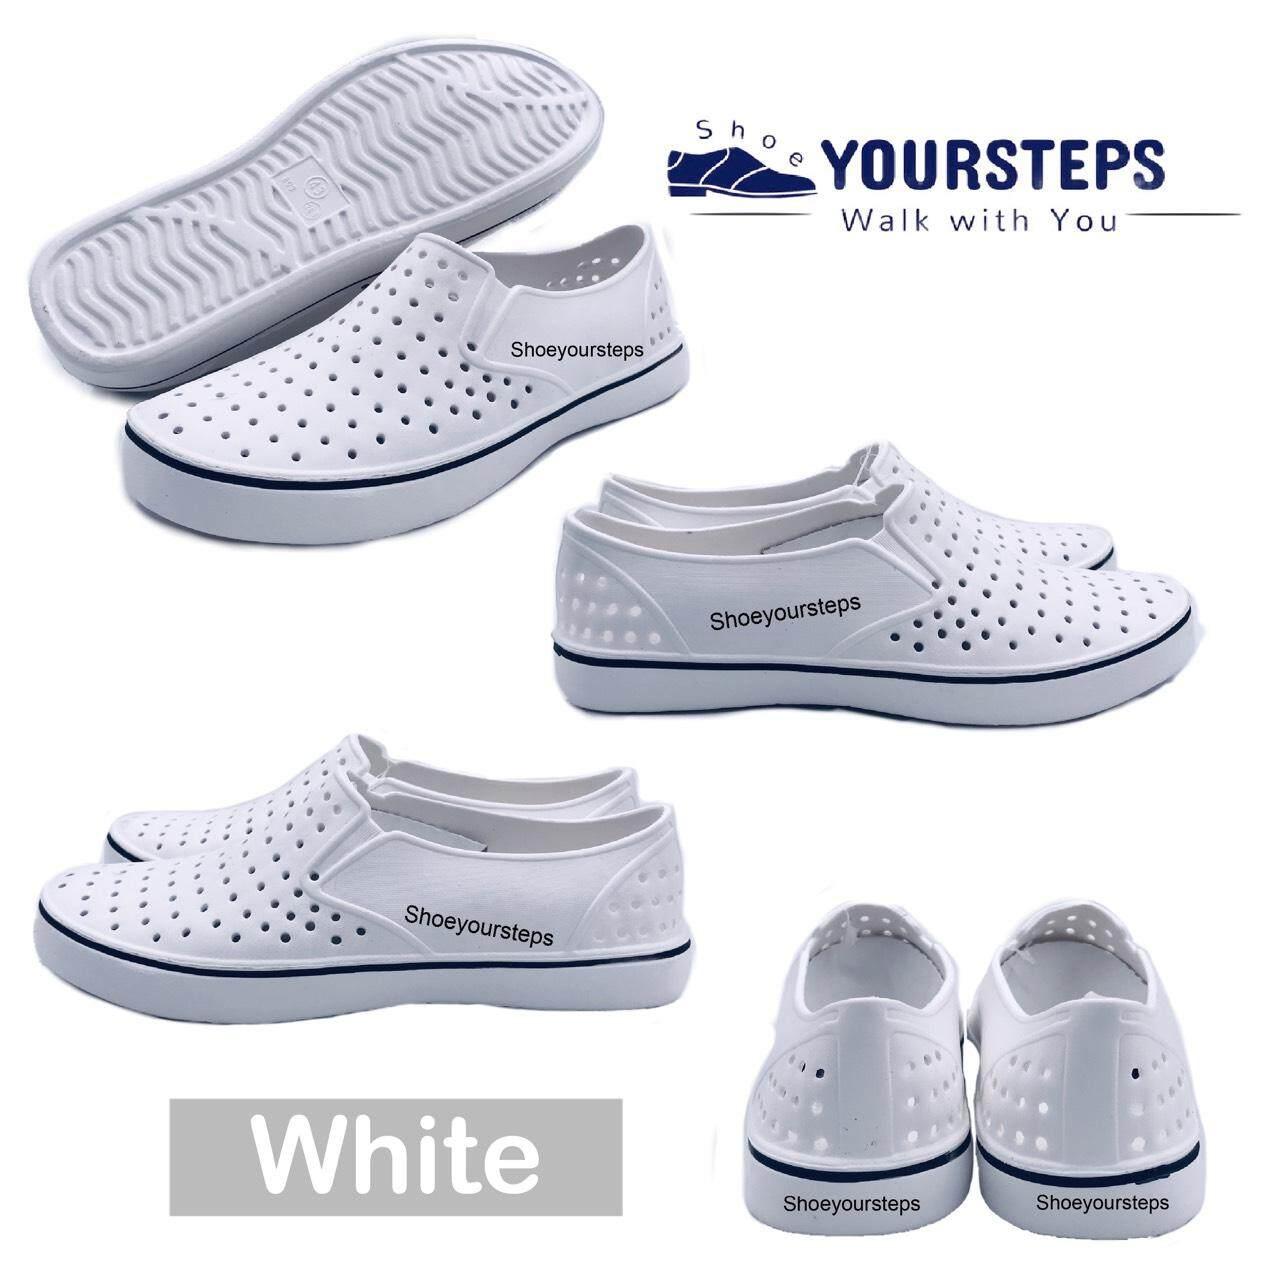 รองเท้าผ้าใบยาง ไฟล่อน แบบสวม เนื้อนิ่ม ใส่สบาย ราคาถูก By Shoesvillage.